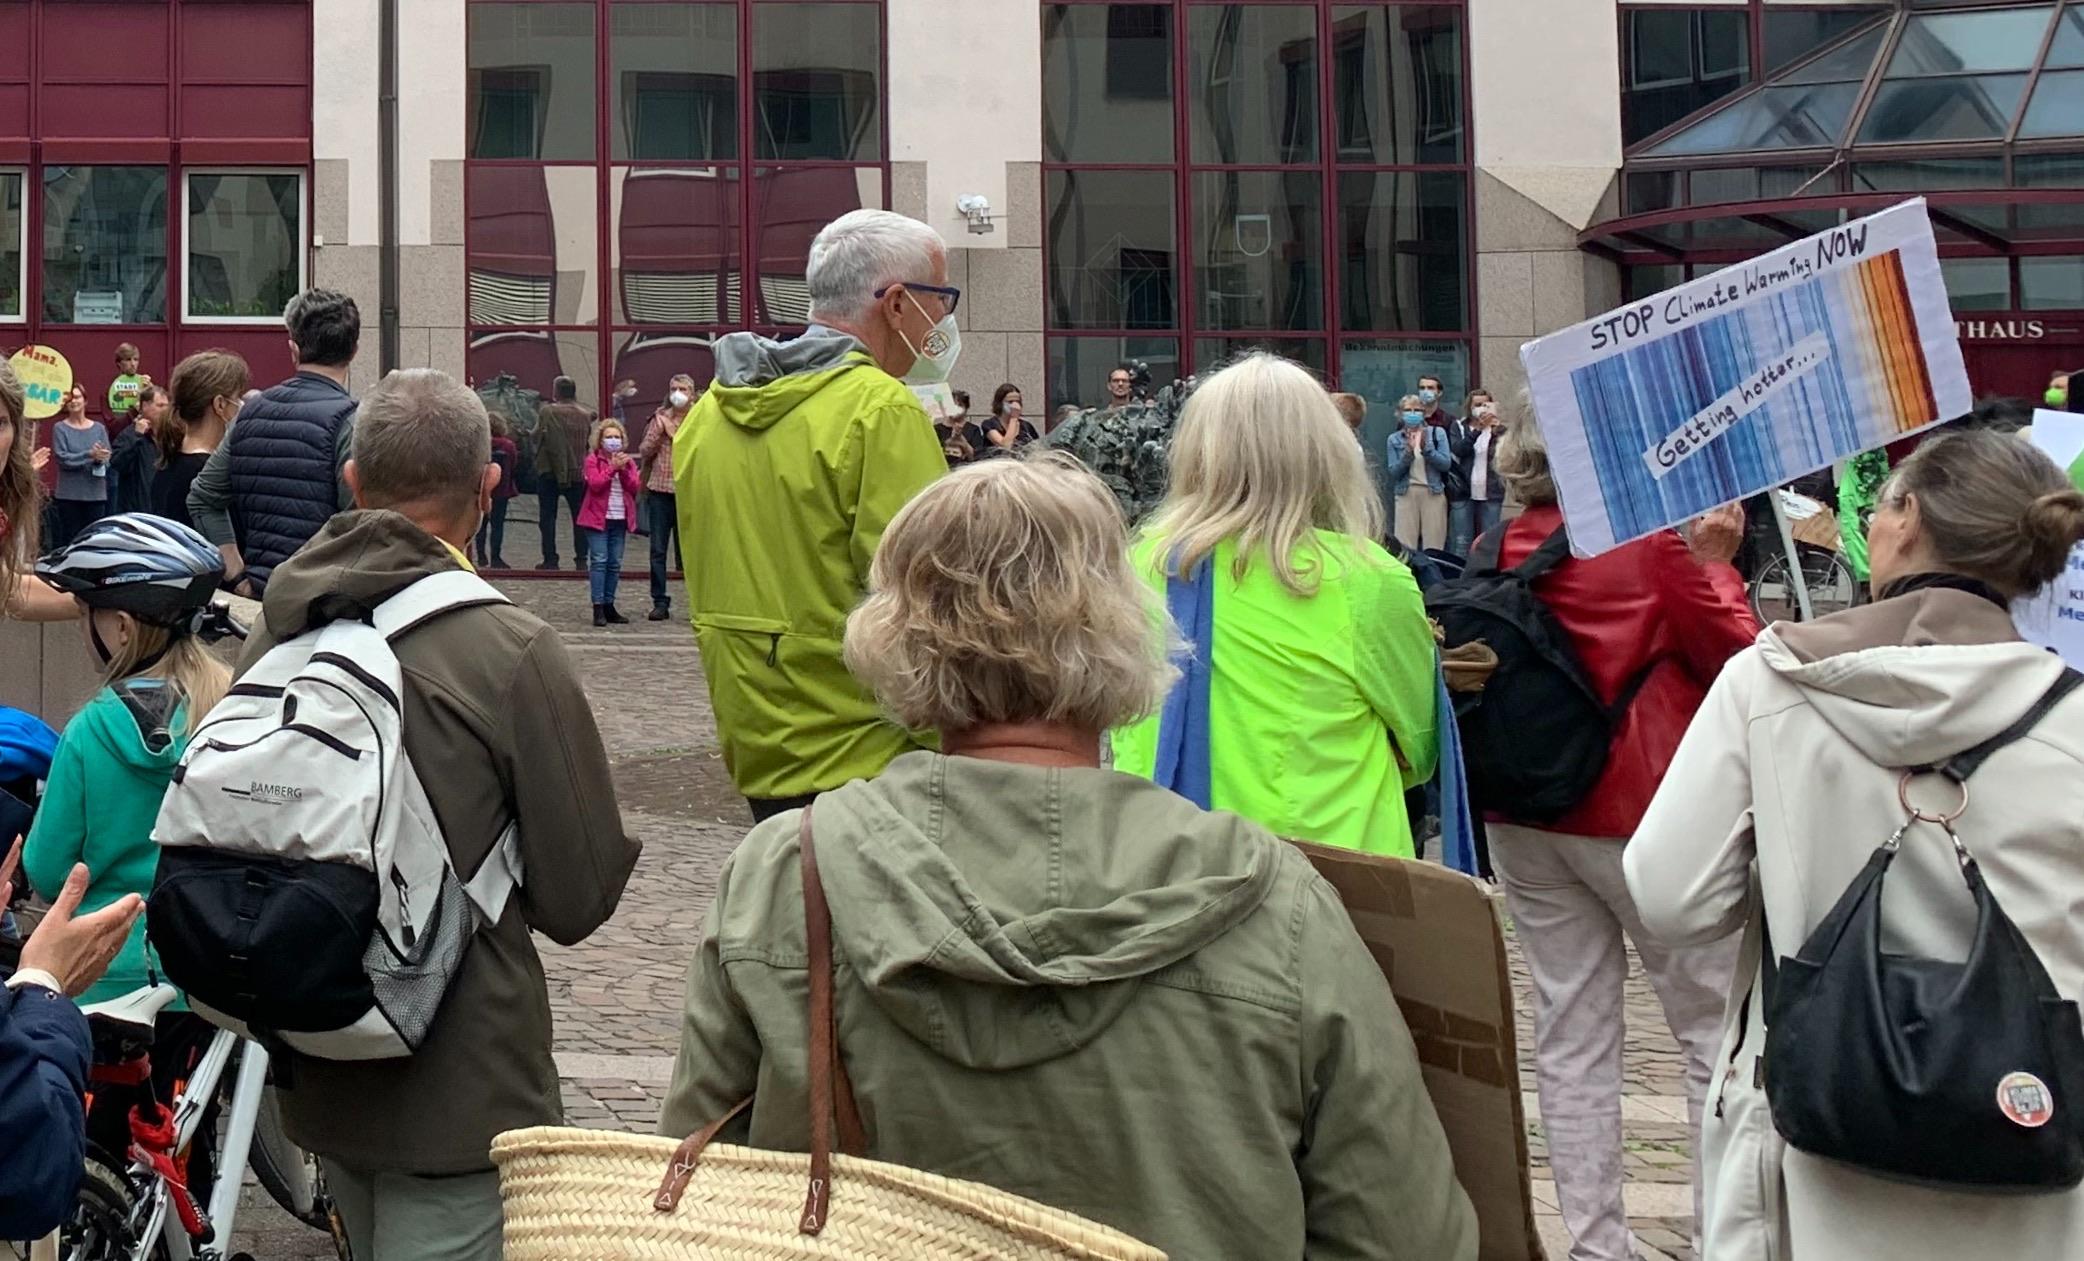 Klimastreik in Hilden – Hunderte gehen aus Protest auf die Straße